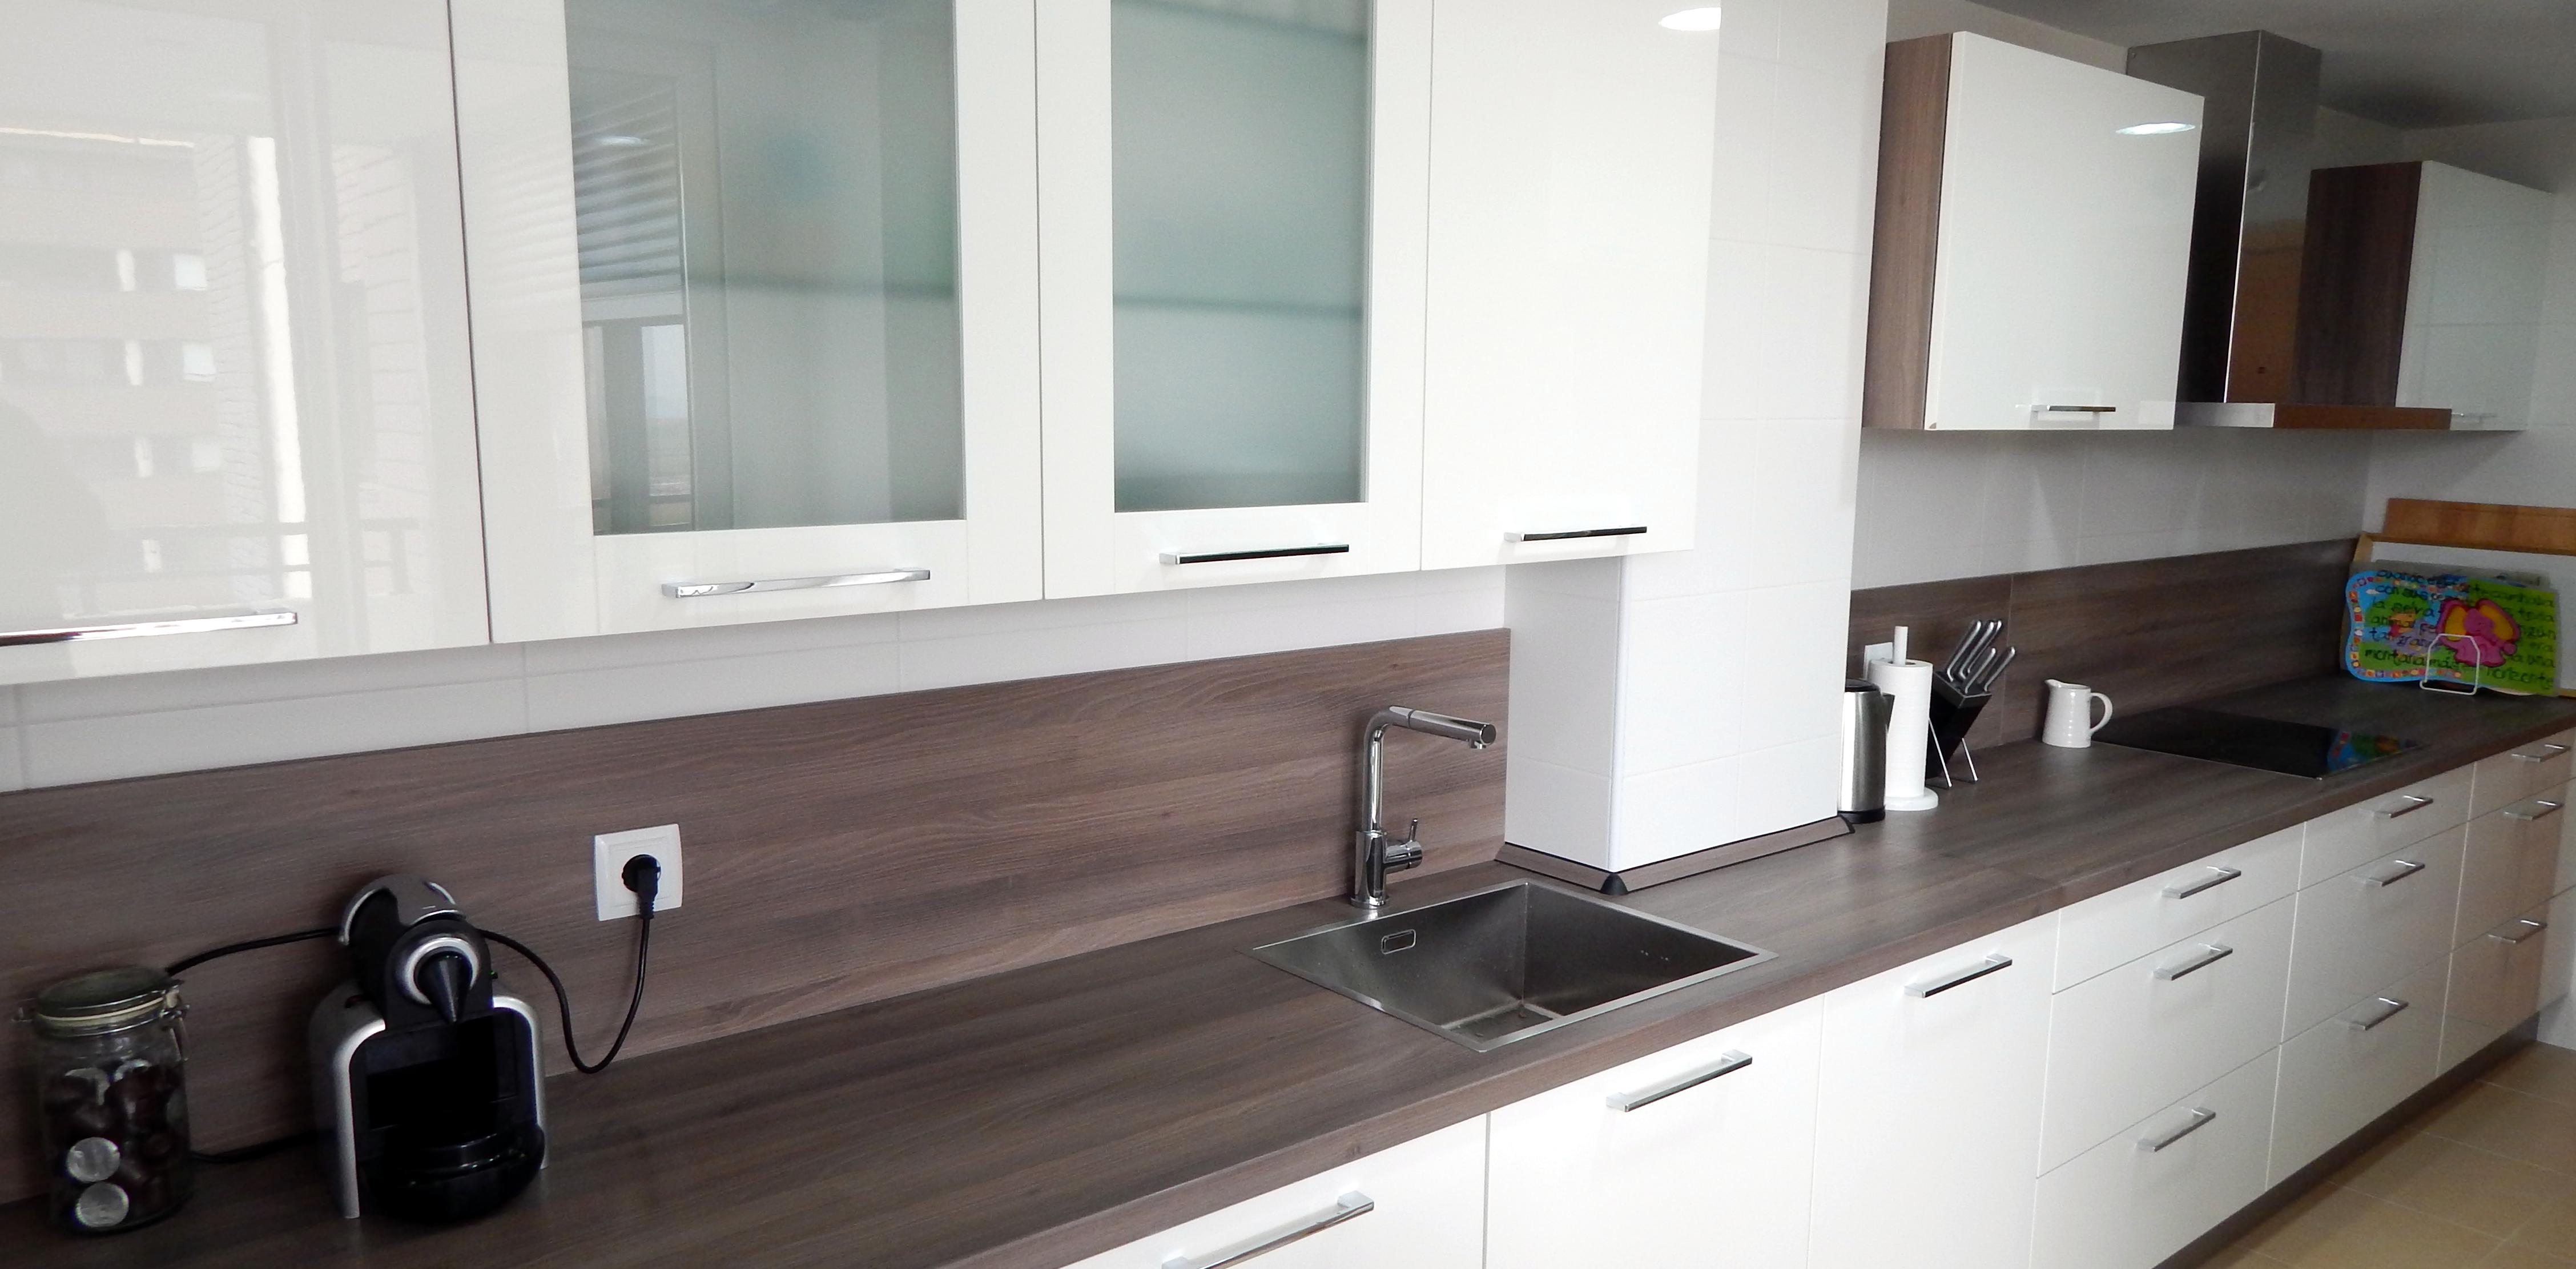 Muebles de cocina modelo lasser en blanco - Muebles cocina blanco ...